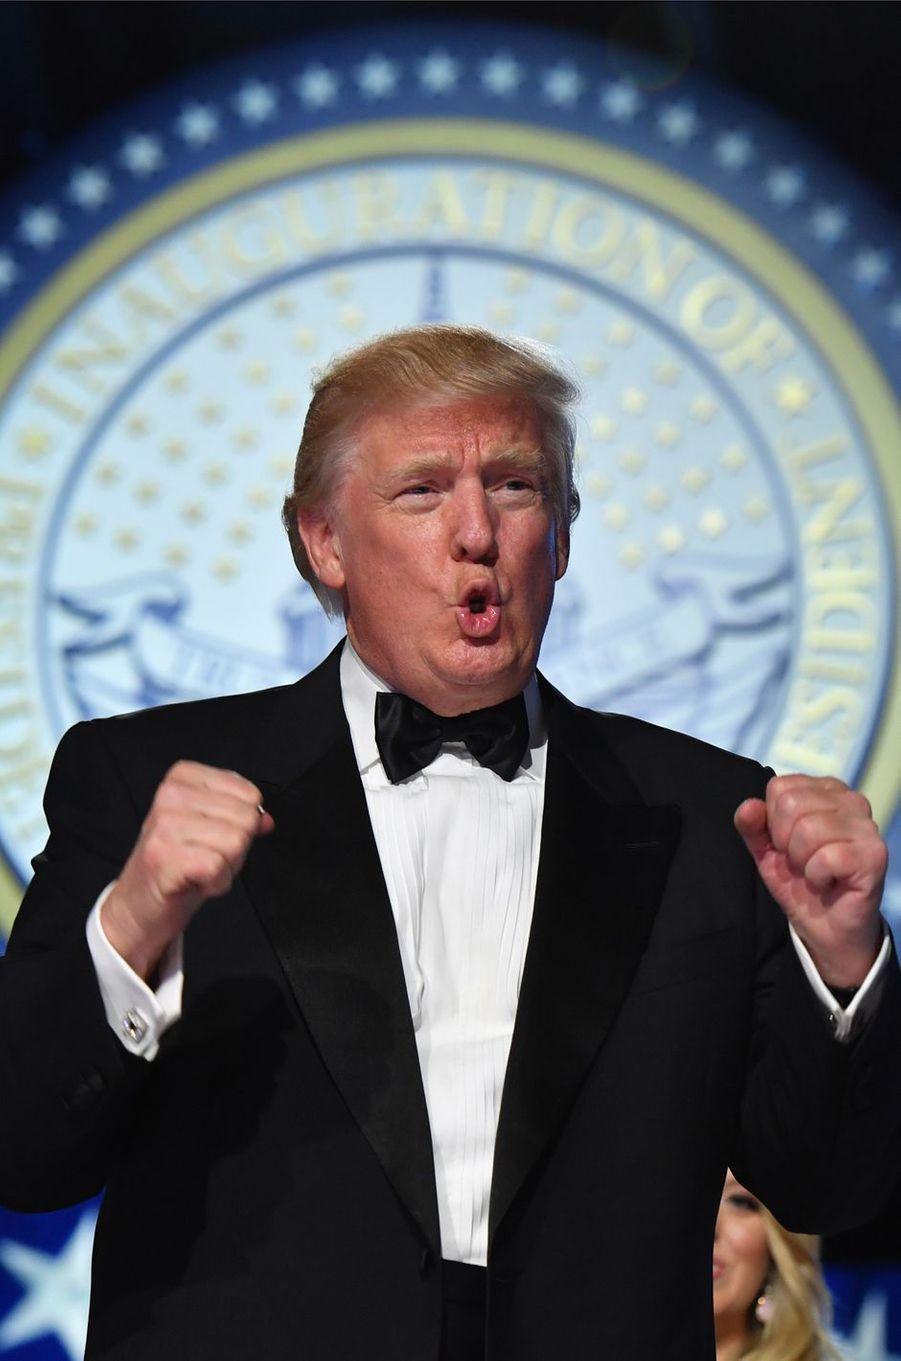 Donald Trump le soir de l'investiture, le 20 janvier 2017.